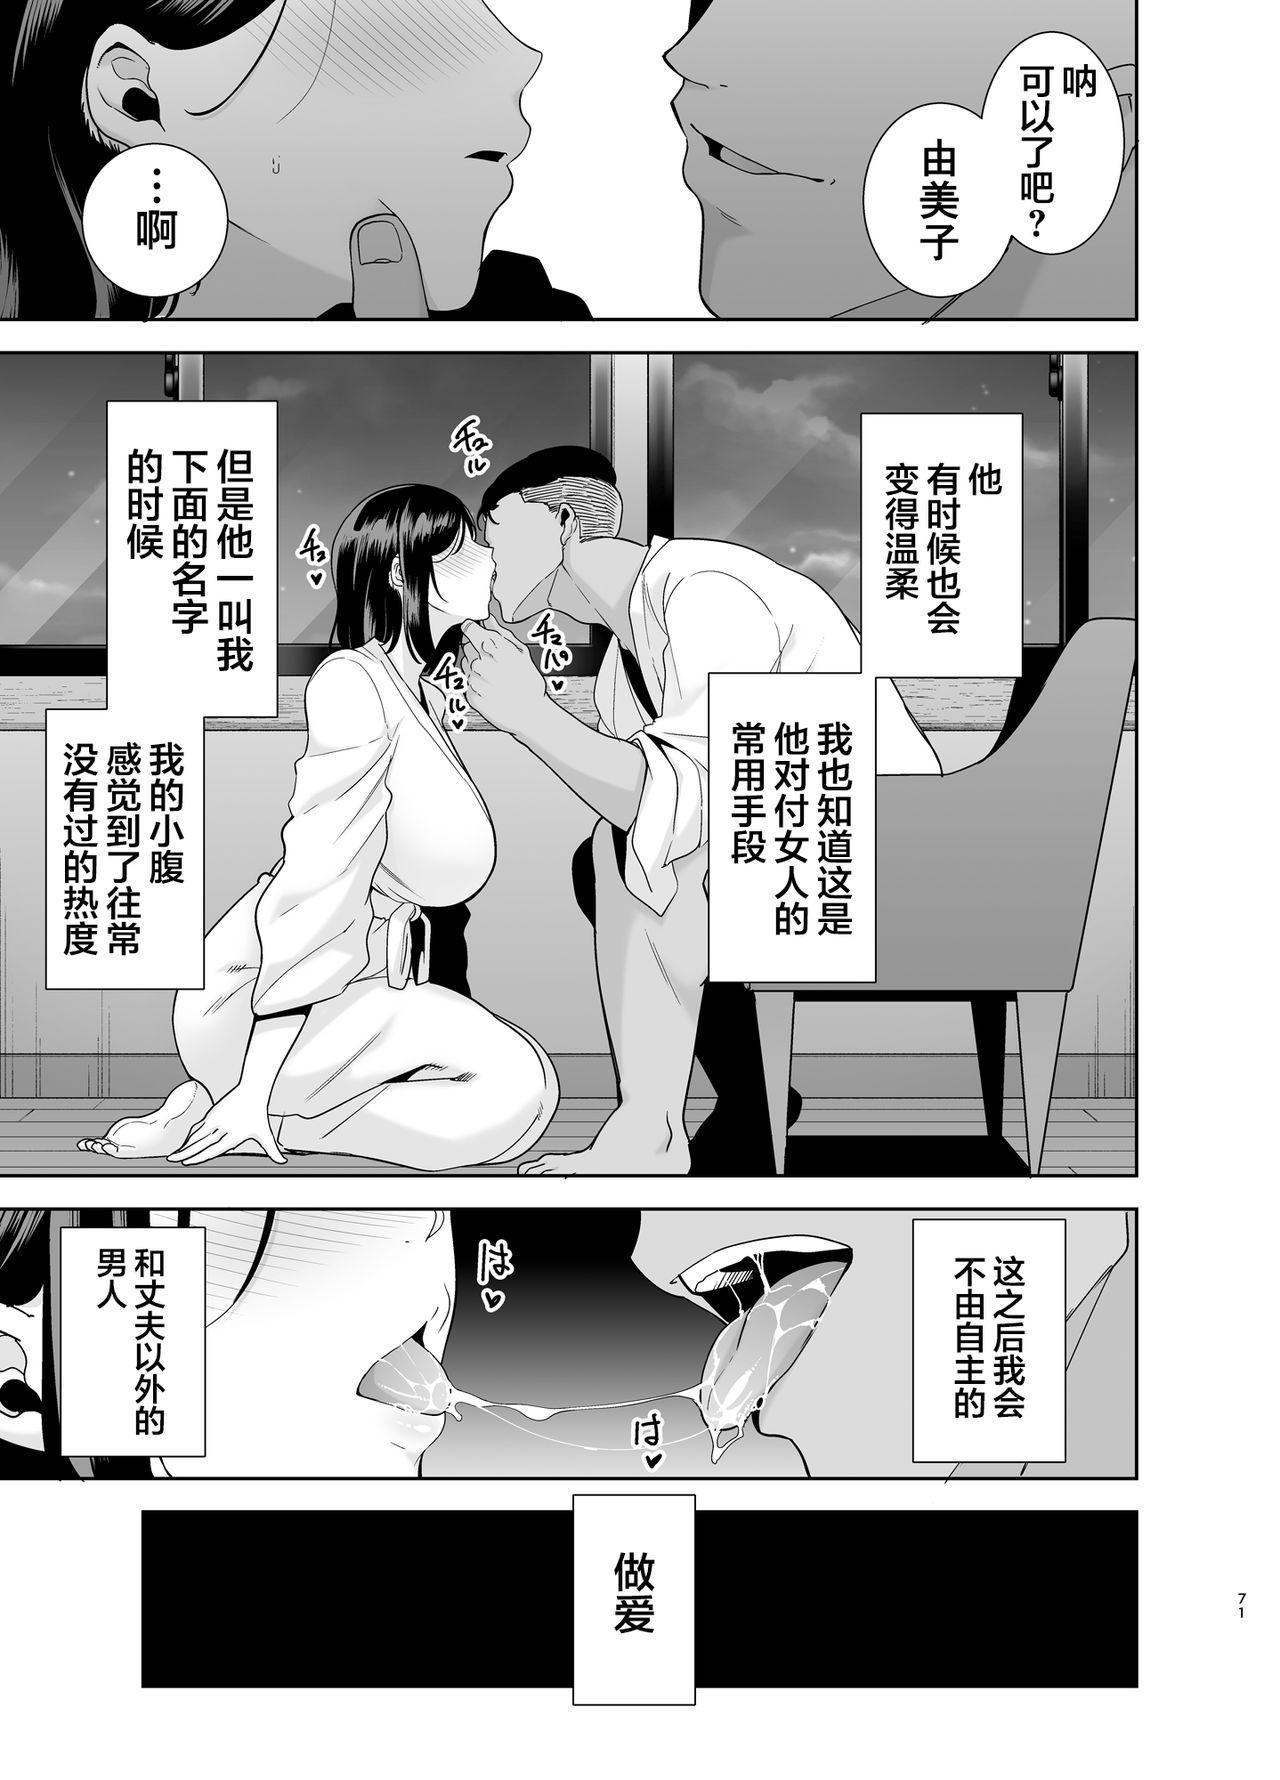 [DOLL PLAY (Kurosu Gatari)] Natsuzuma ~Natsu, Ryokan, Nanpa Otoko-tachi ni Ochita Tsuma~ Megane Nashi [Chinese] [翻车汉化组] 69